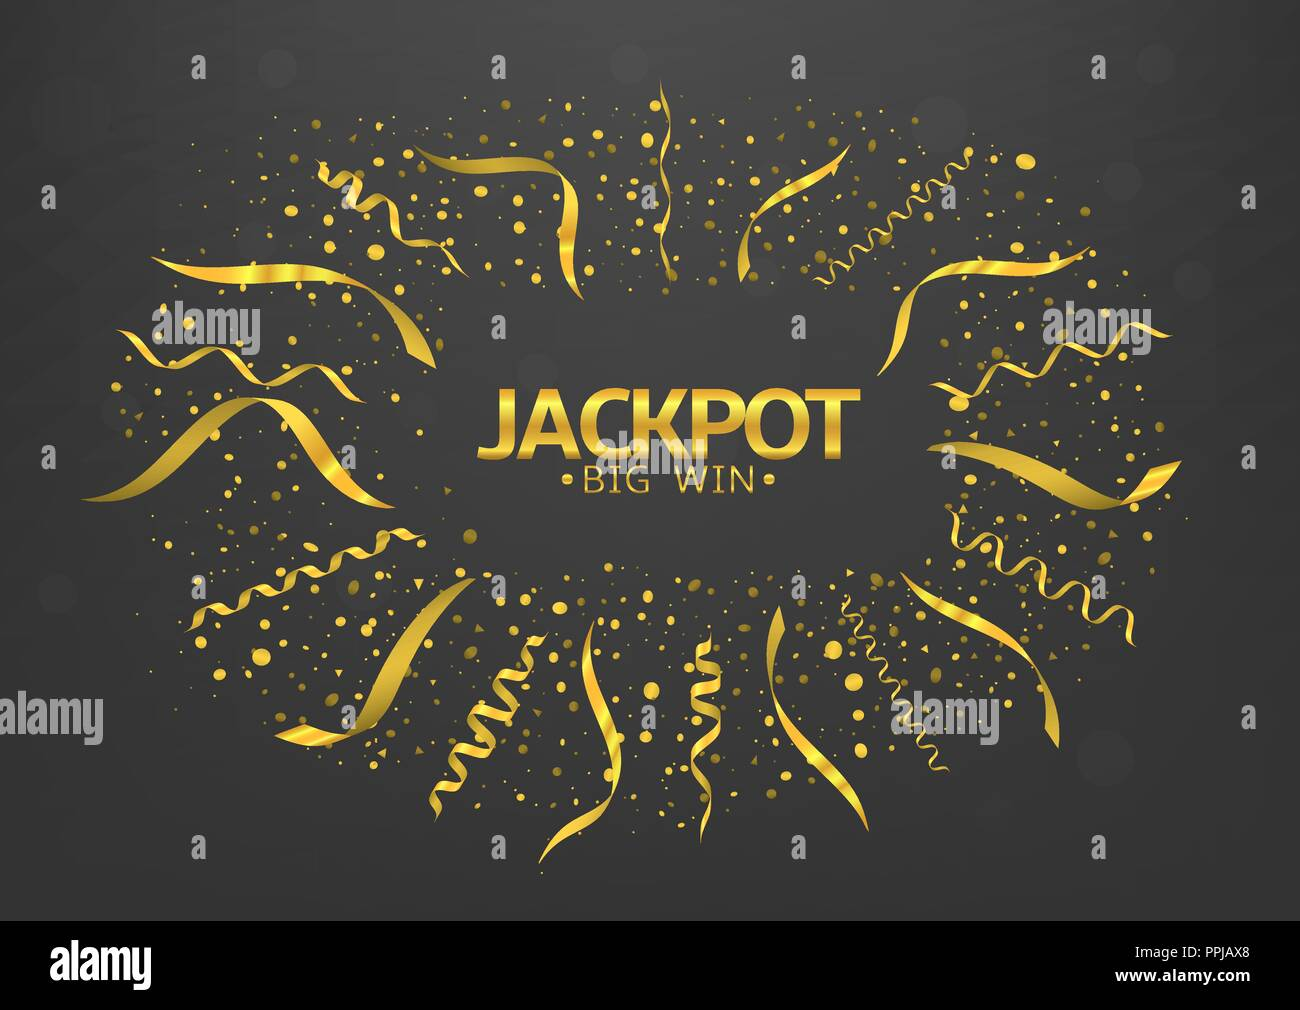 juegos de casino slots en 3d gratis